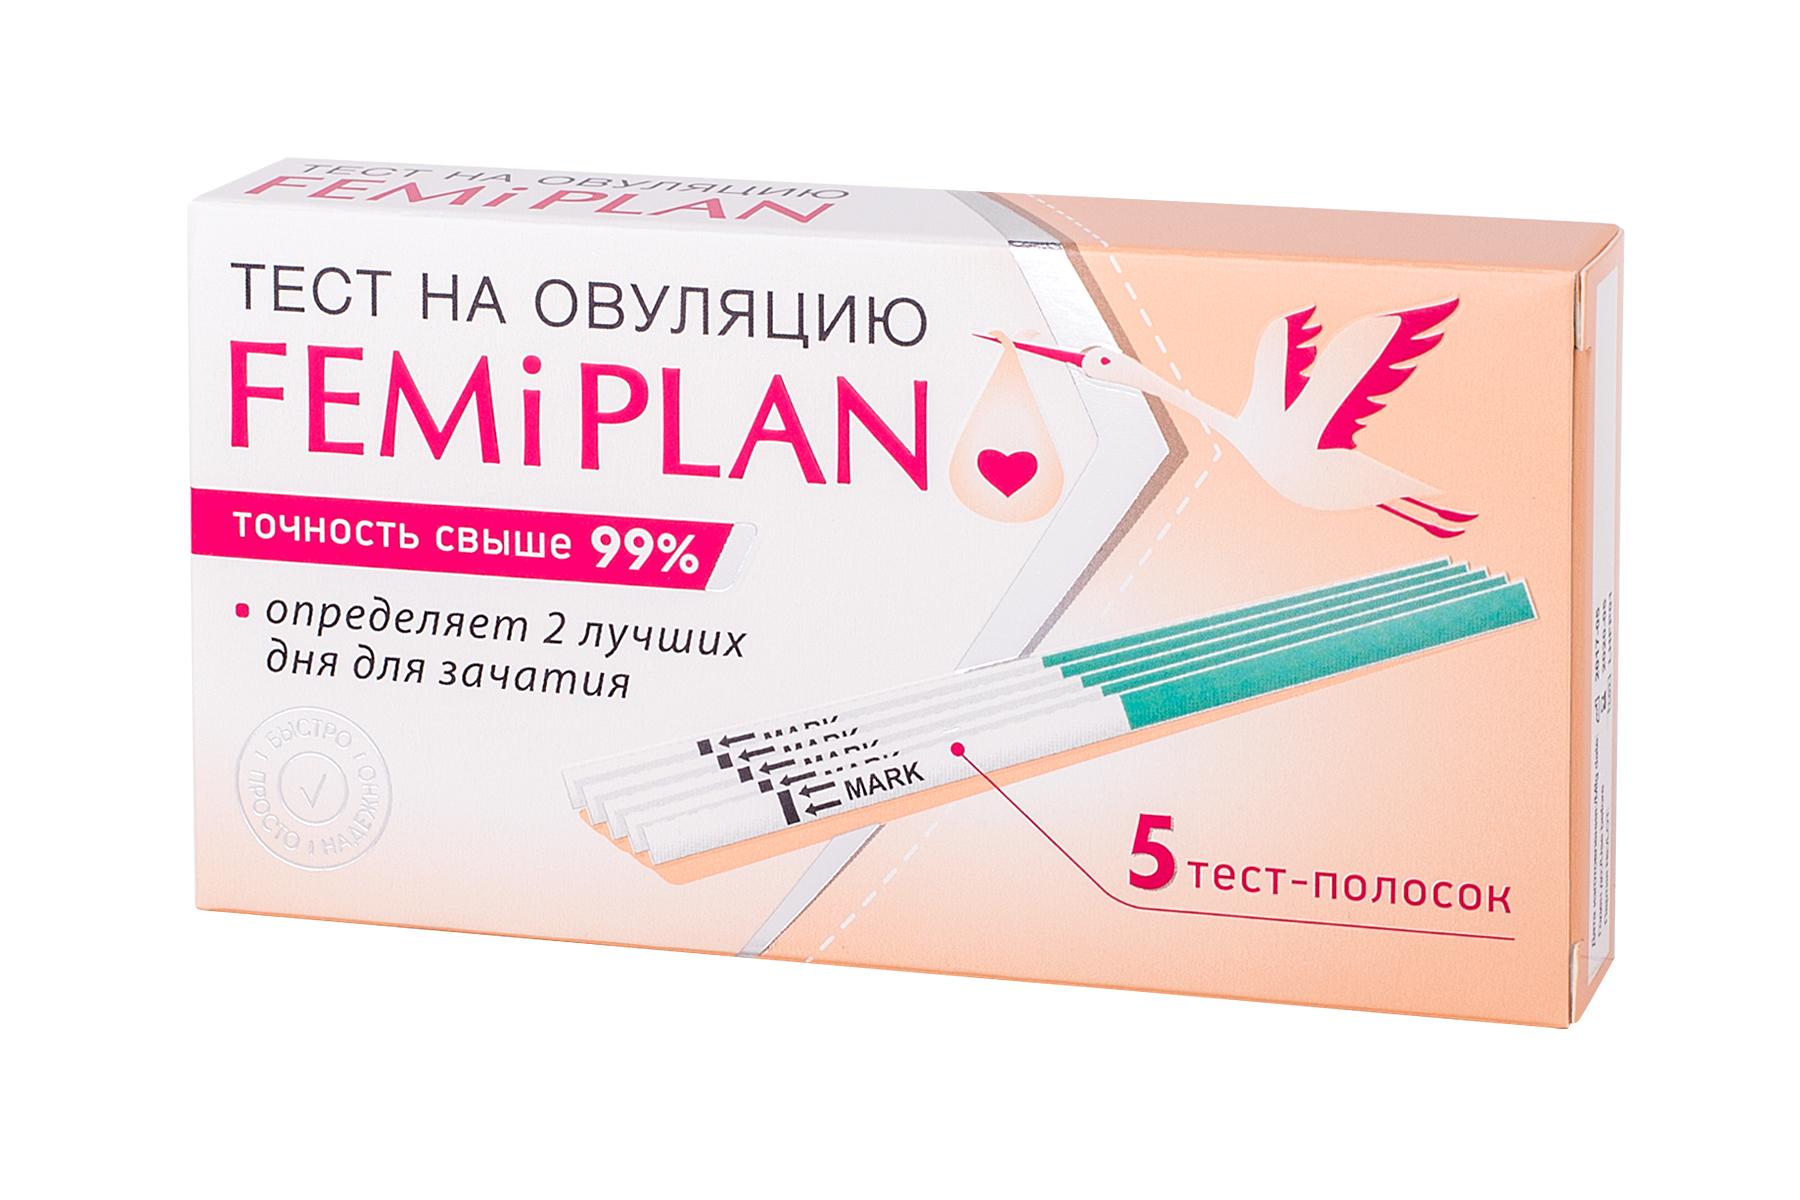 Тест FEMiPLAN для определения овуляции тест-полоска 5 шт.